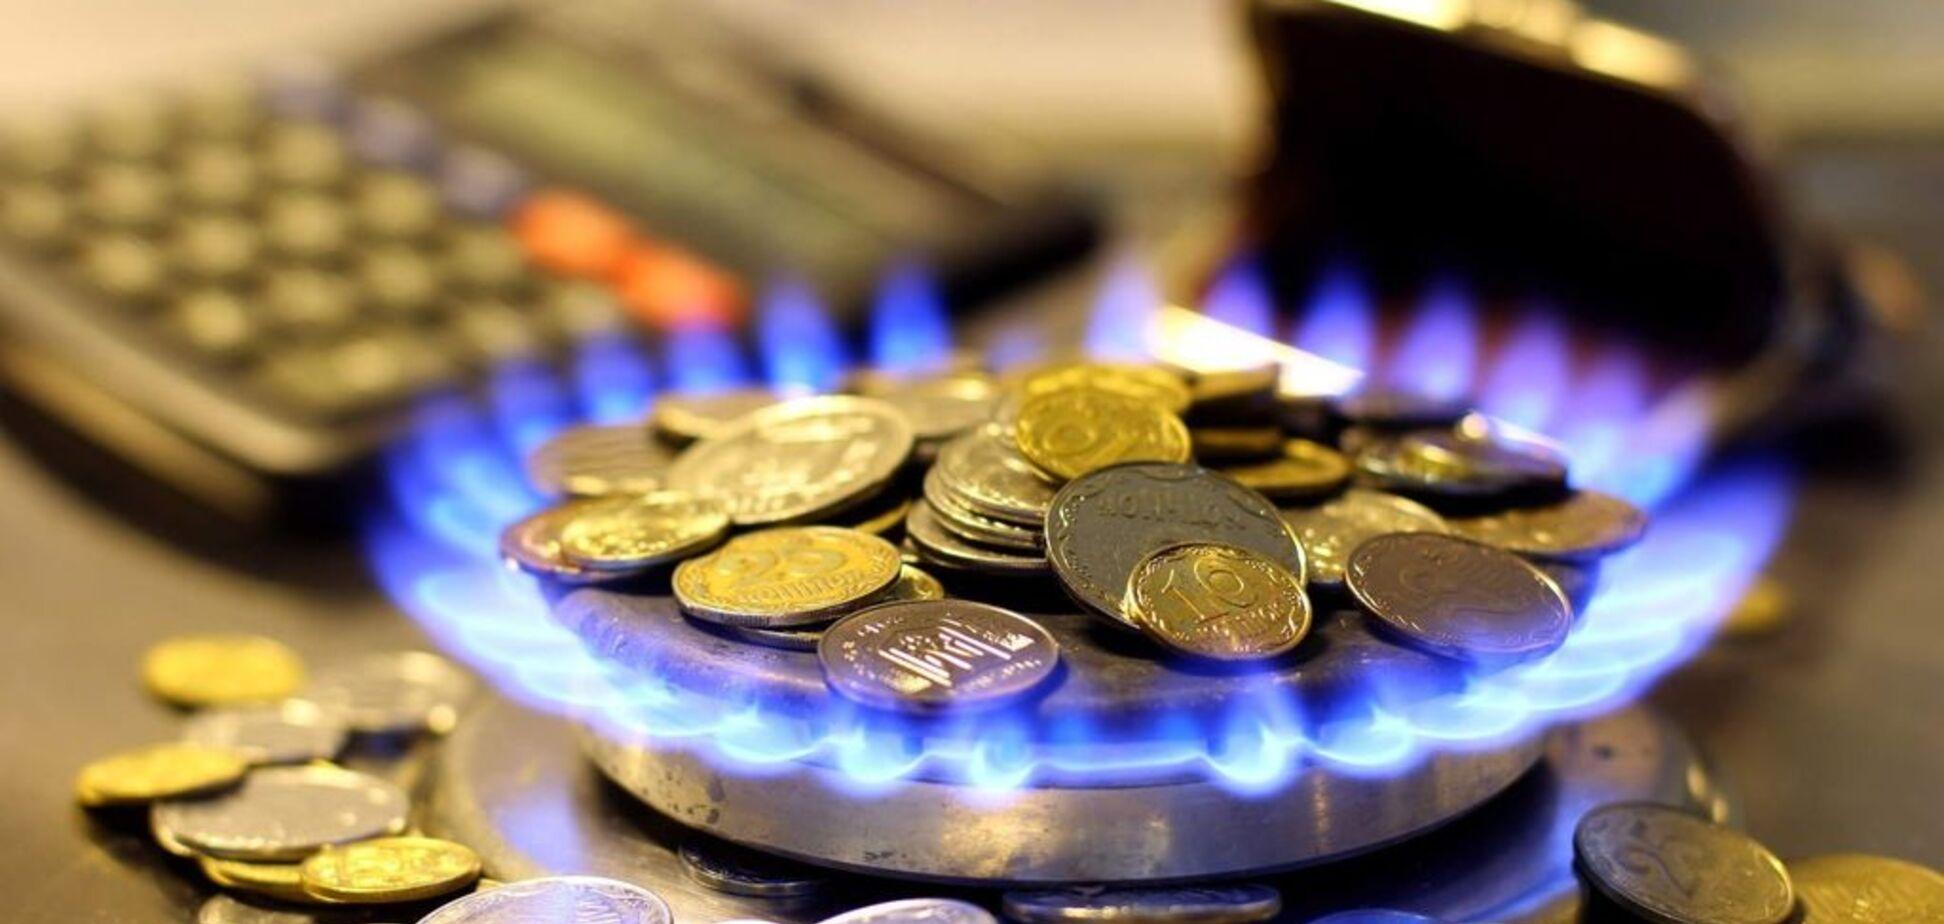 В Україні газ дорожчатиме два роки: у ''Нафтогазі'' озвучили результат переговорів з МВФ